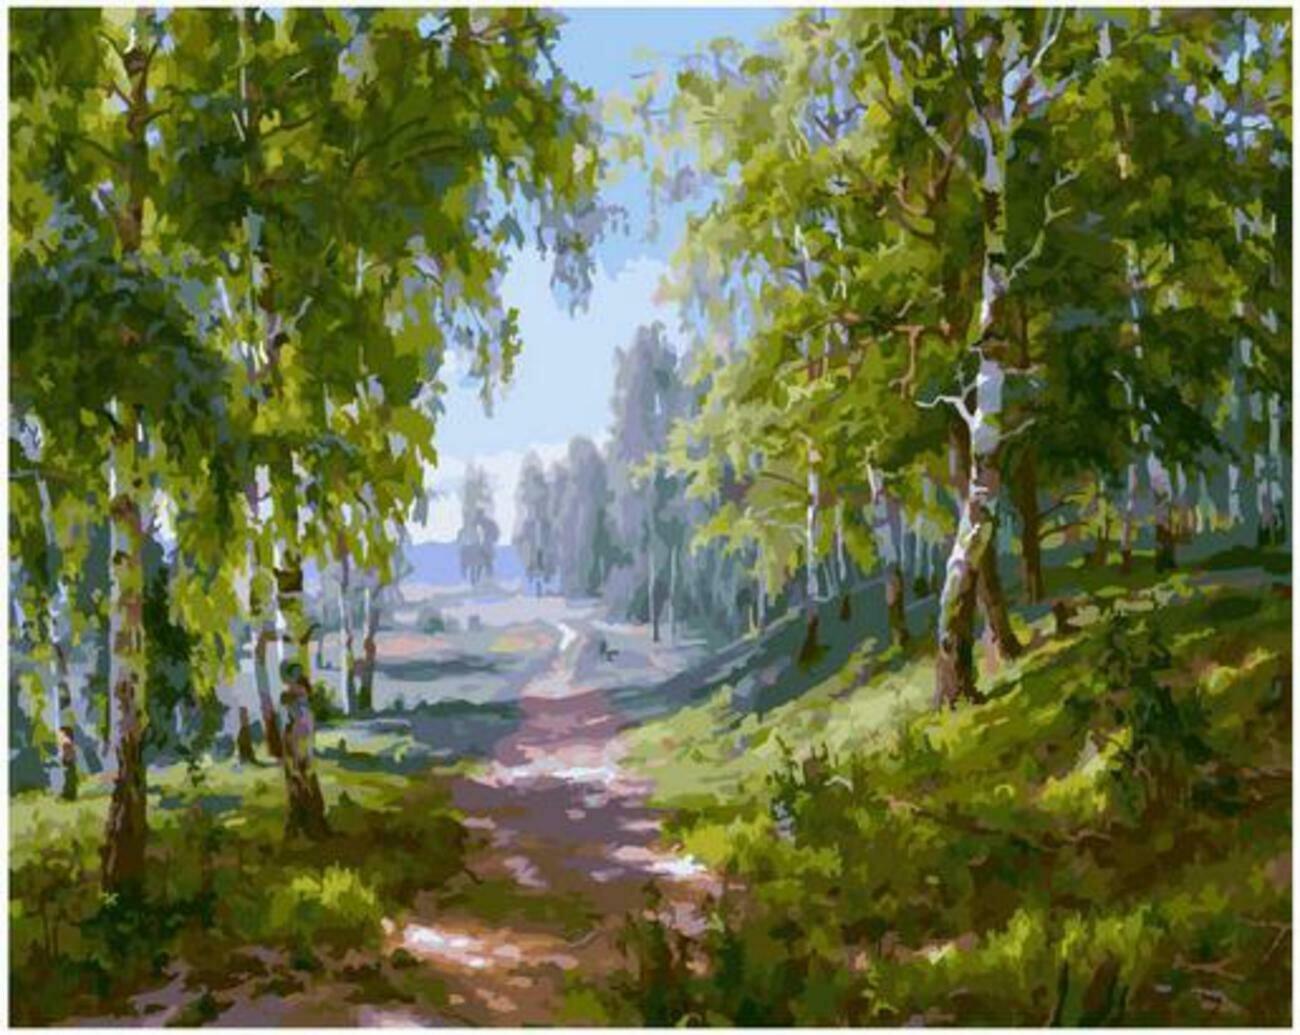 Картина по номерам Paintboy Original PK 90027 Березовая роща (Басов Сергей) 40x50см